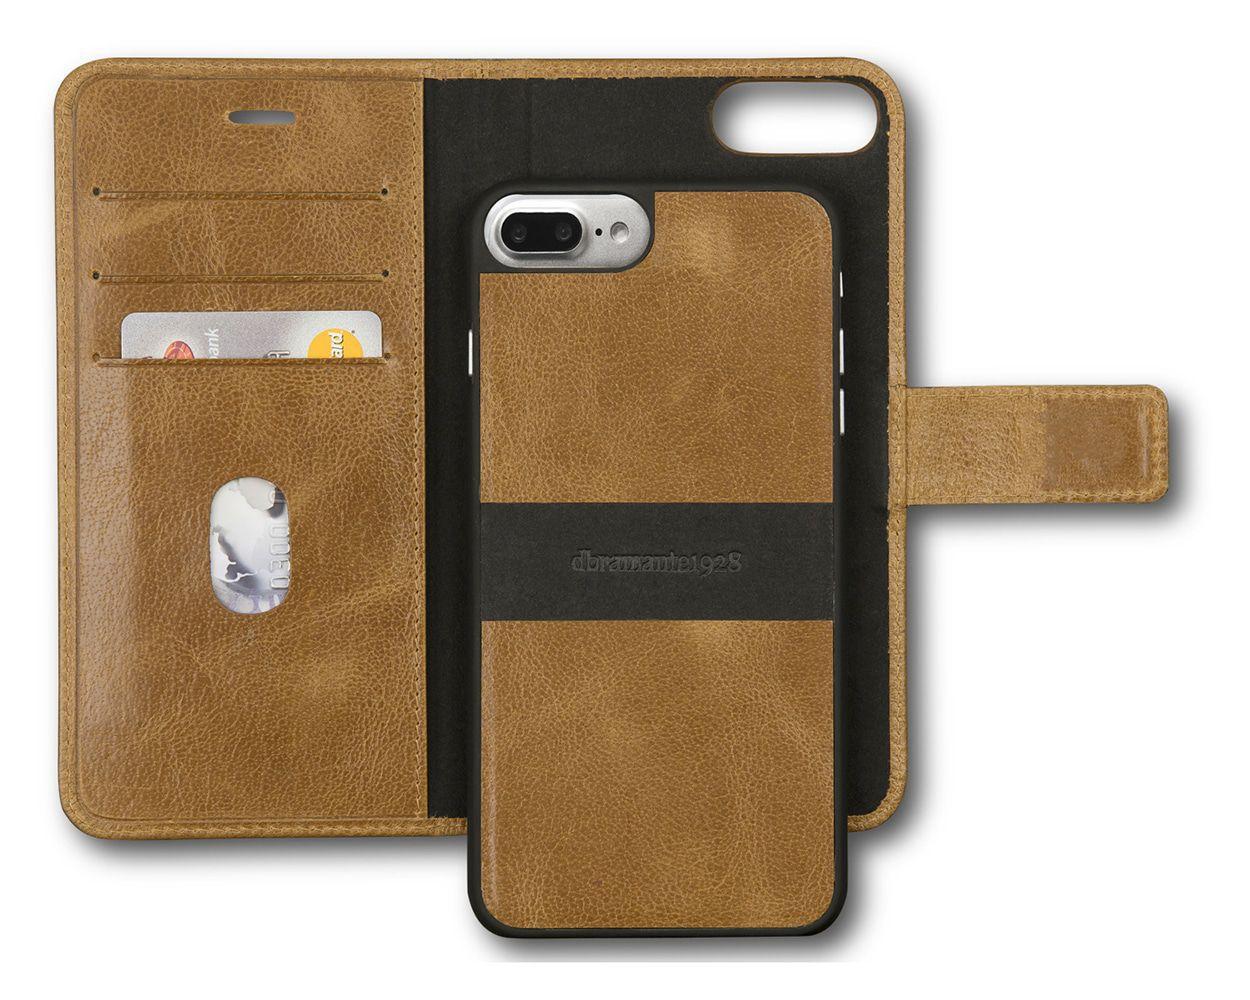 dbramante1928 Lynge 2 Leather Wallet iPhone 7 Plus Tan